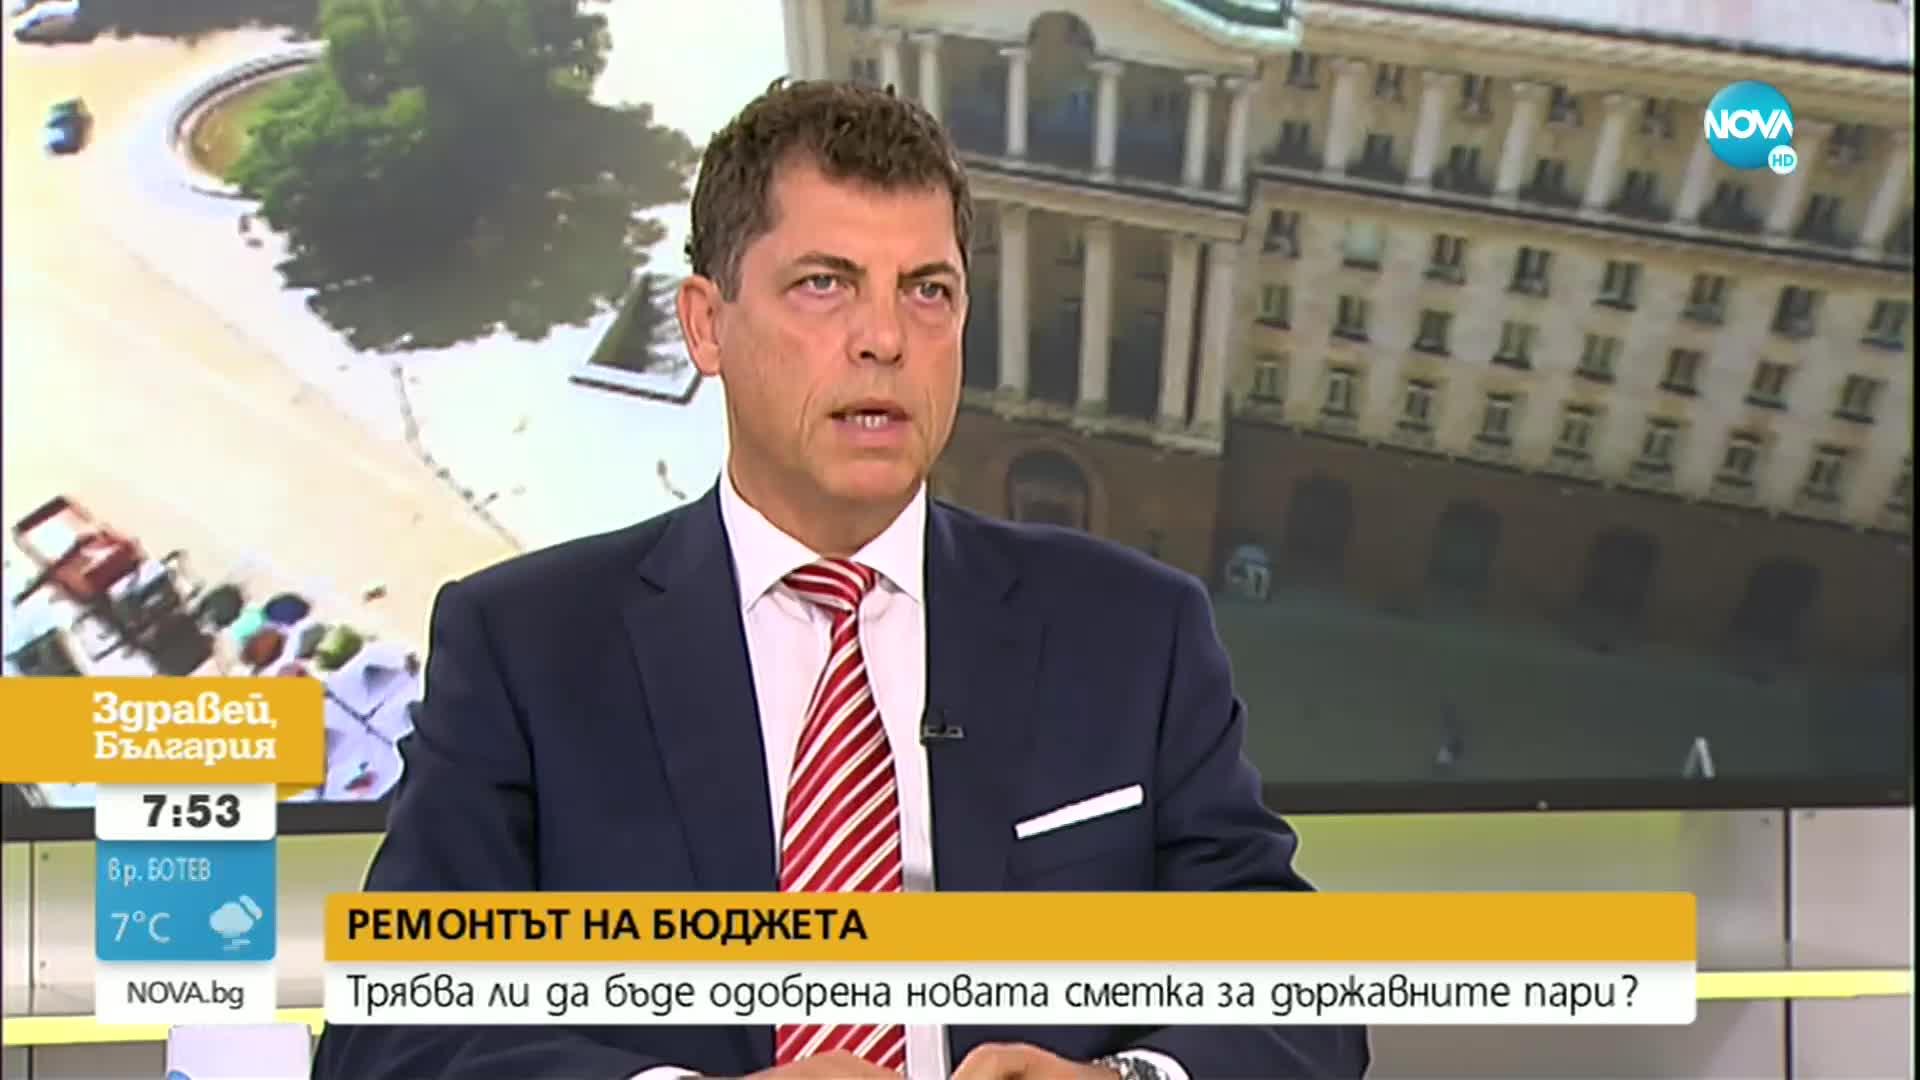 Милен Велчев: И двата подхода за пенсиите са грешни